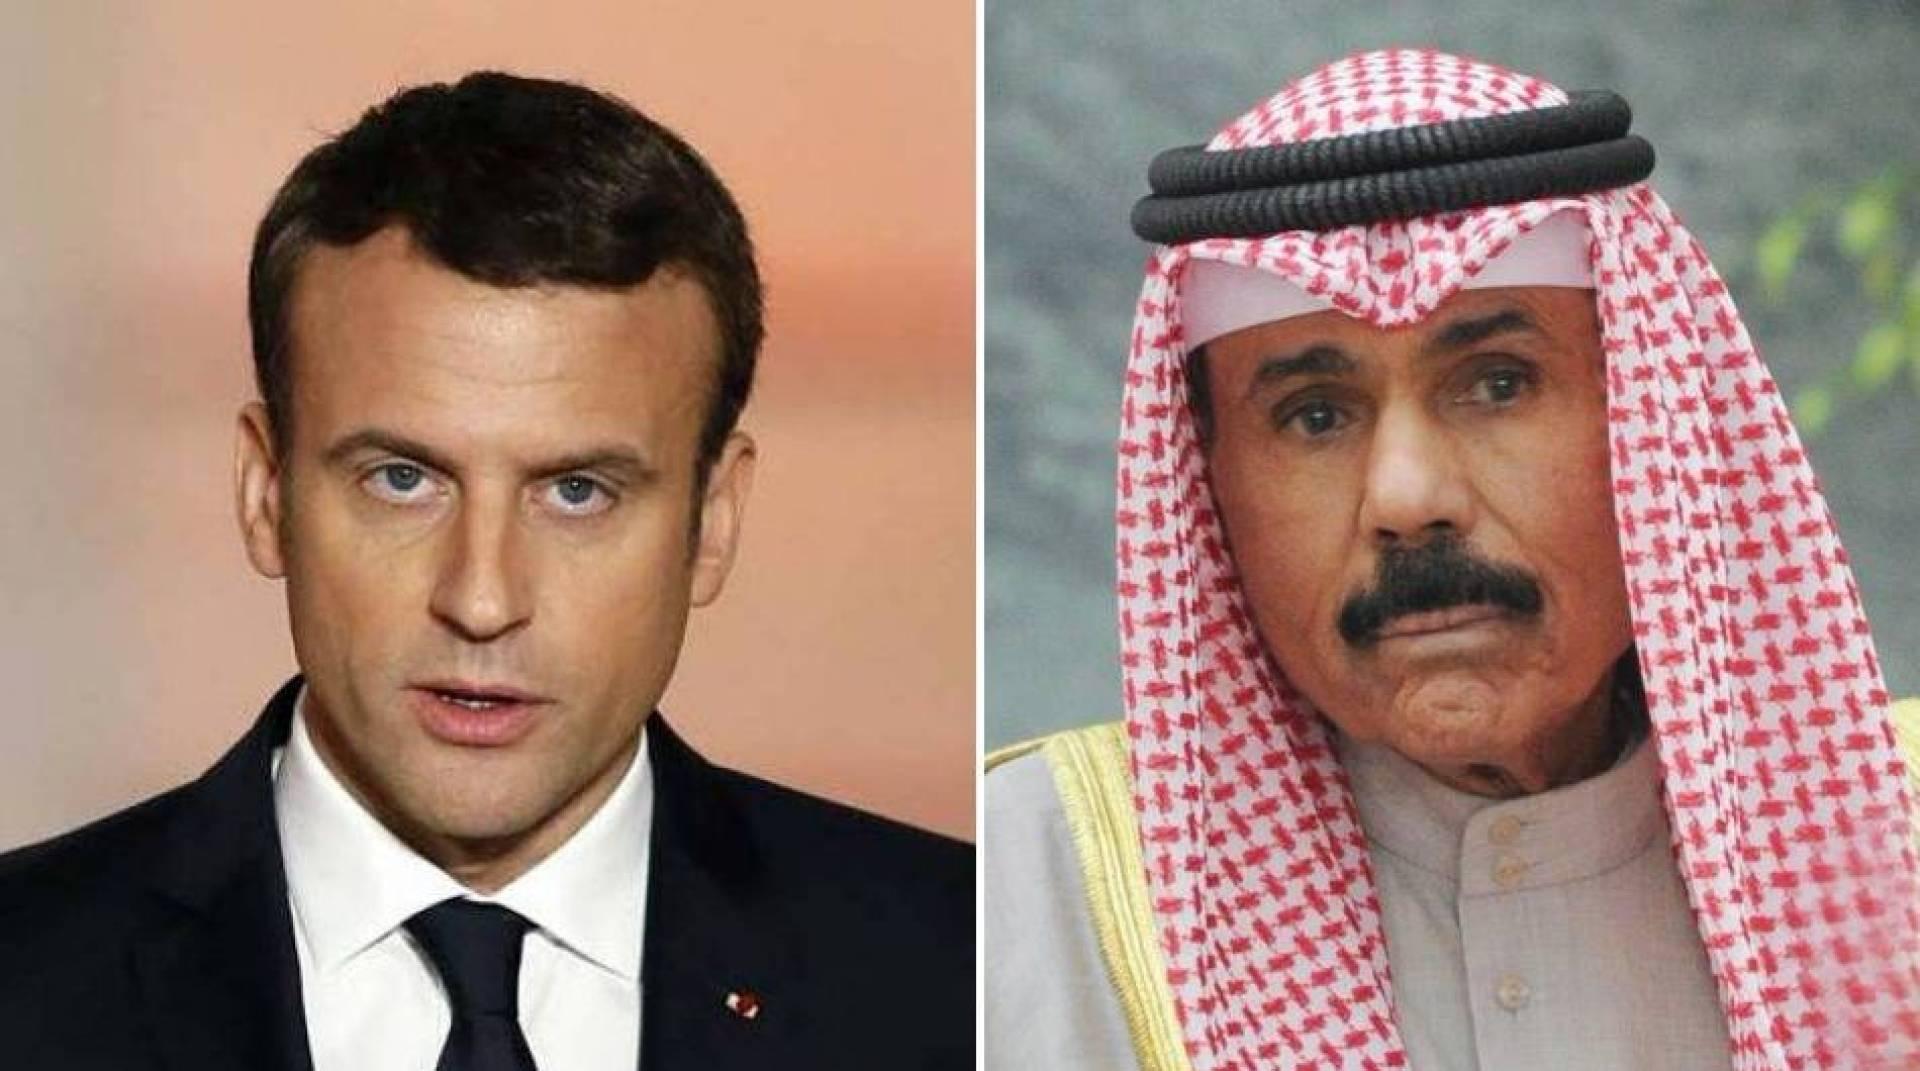 سمو الأمير يعرب للرئيس الفرنسي عن استنكار الكويت وإدانتها لهجوم مدينة «نيس»